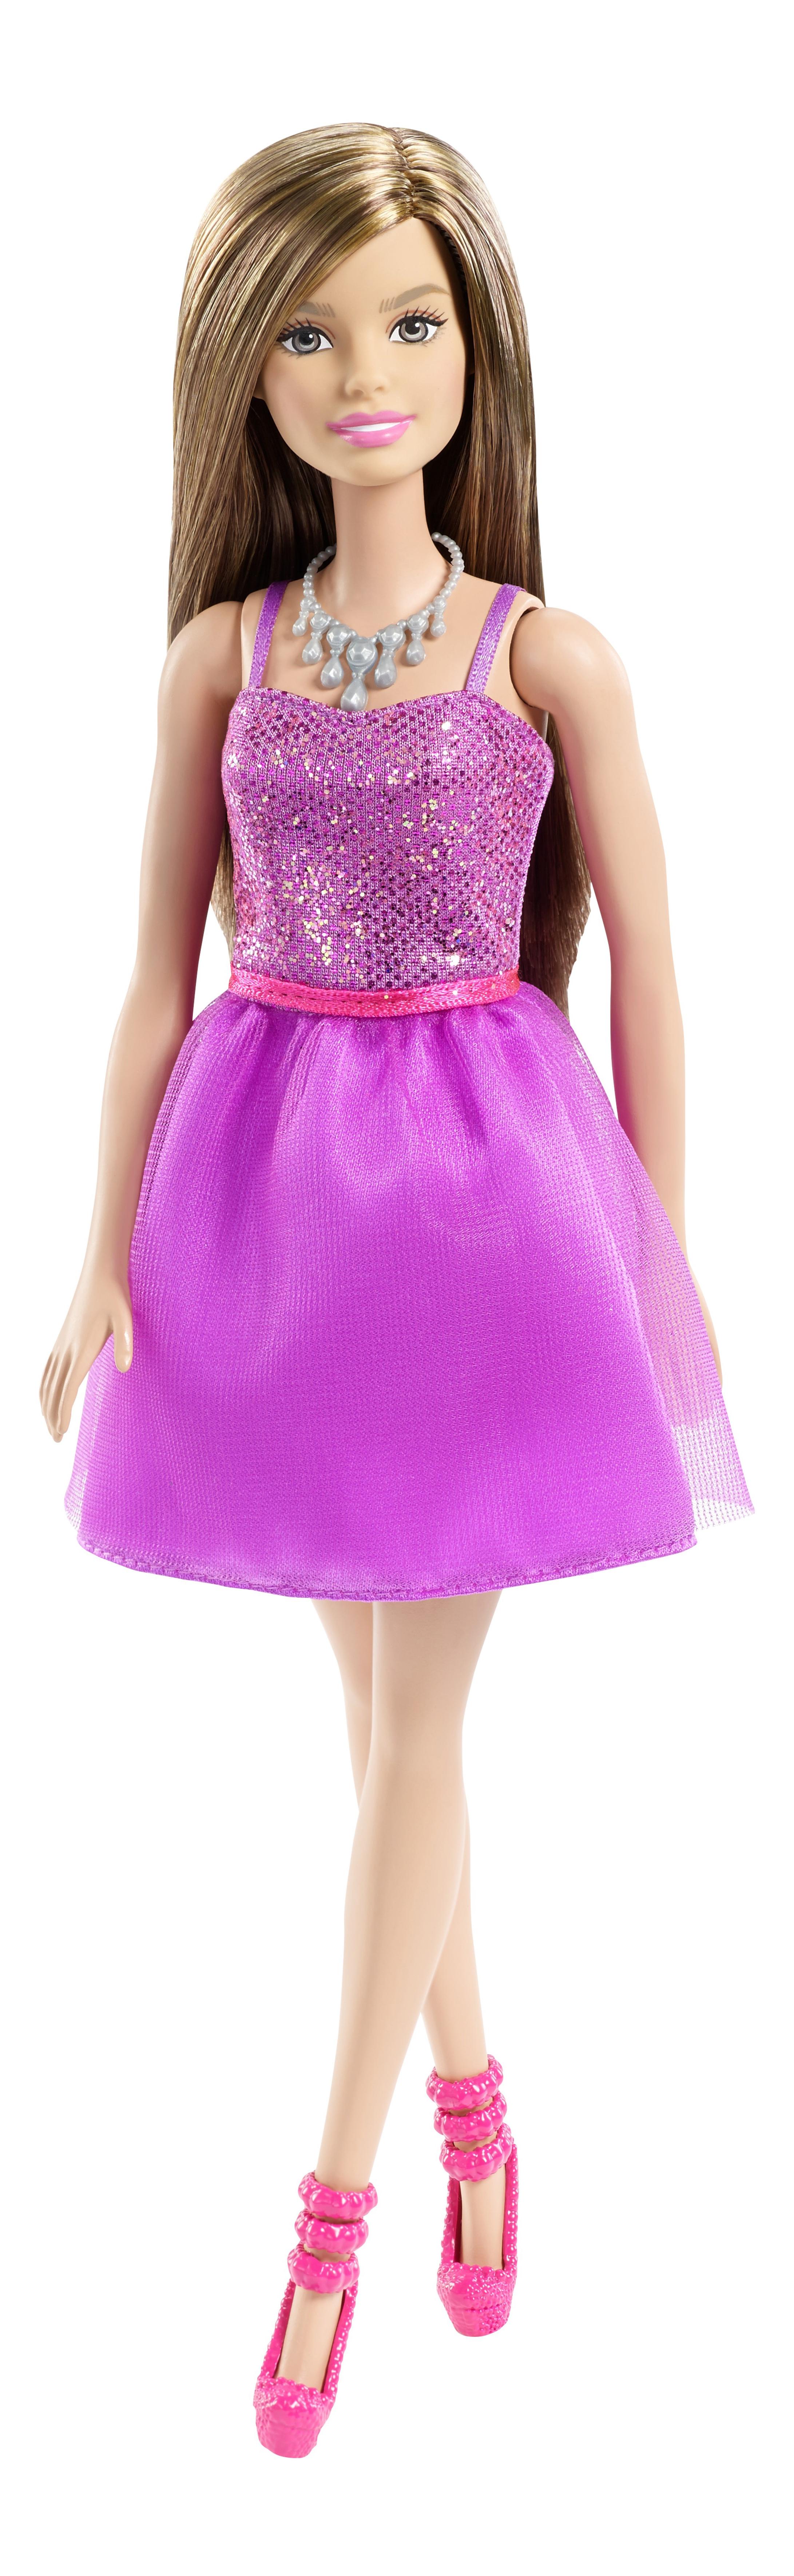 Купить Кукла Barbie из серии сияние моды T7580 DGX81, Куклы Barbie